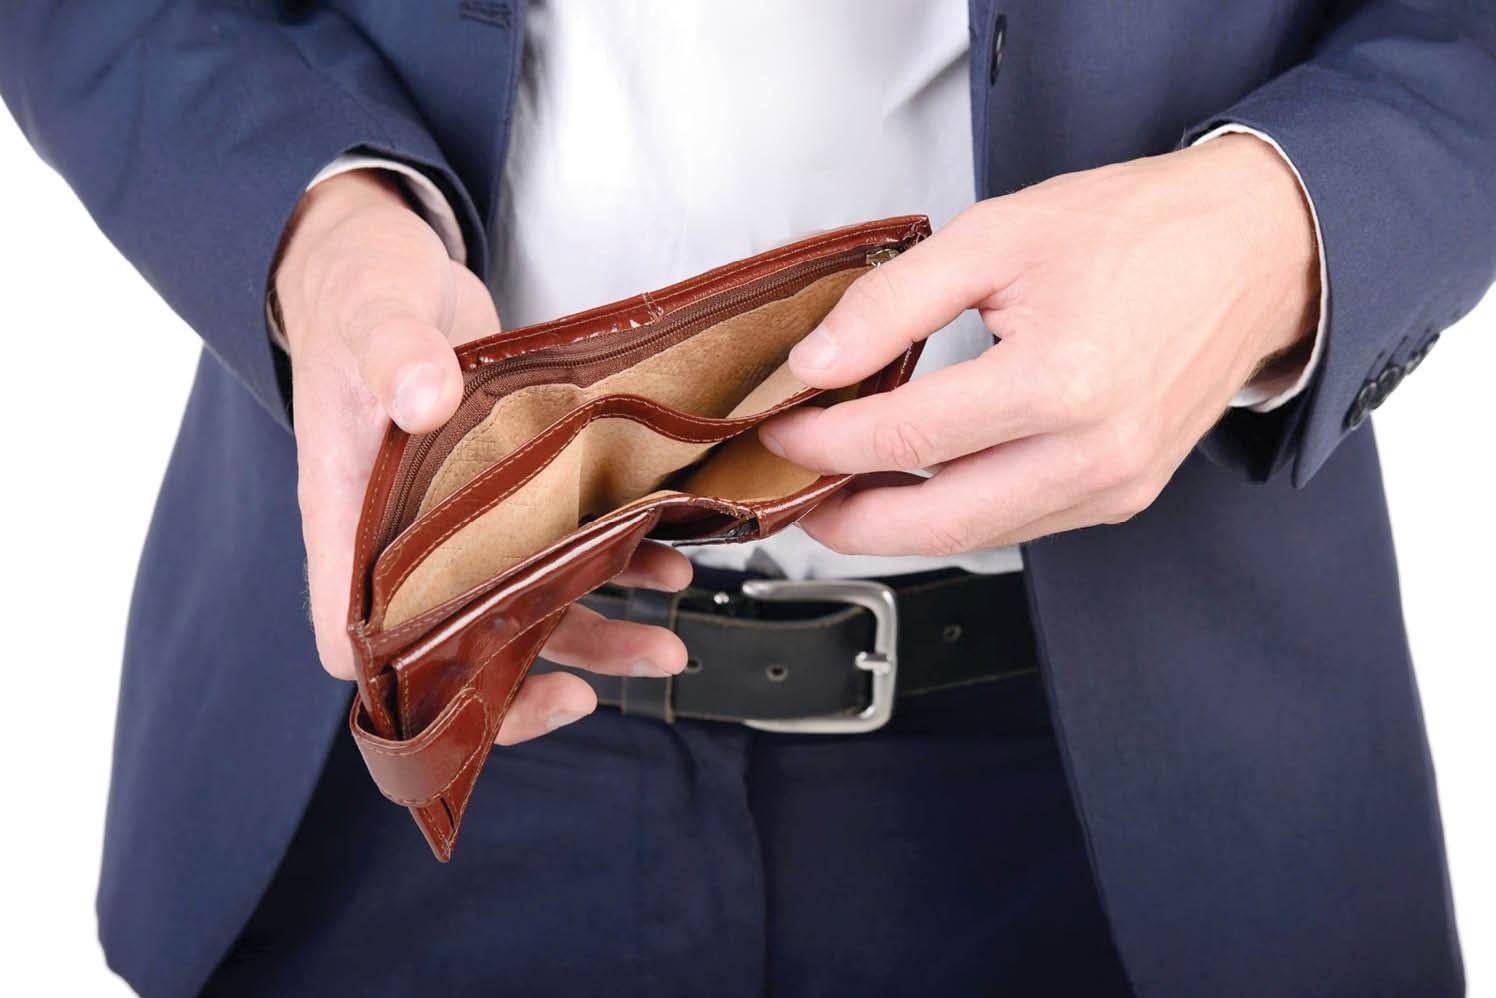 تمام اتفاقاتی که سبب میشود جیبها و کارتهای بانکیمان خالی شود/چگونه چرخه خرید احساسی را بشکنیم؟